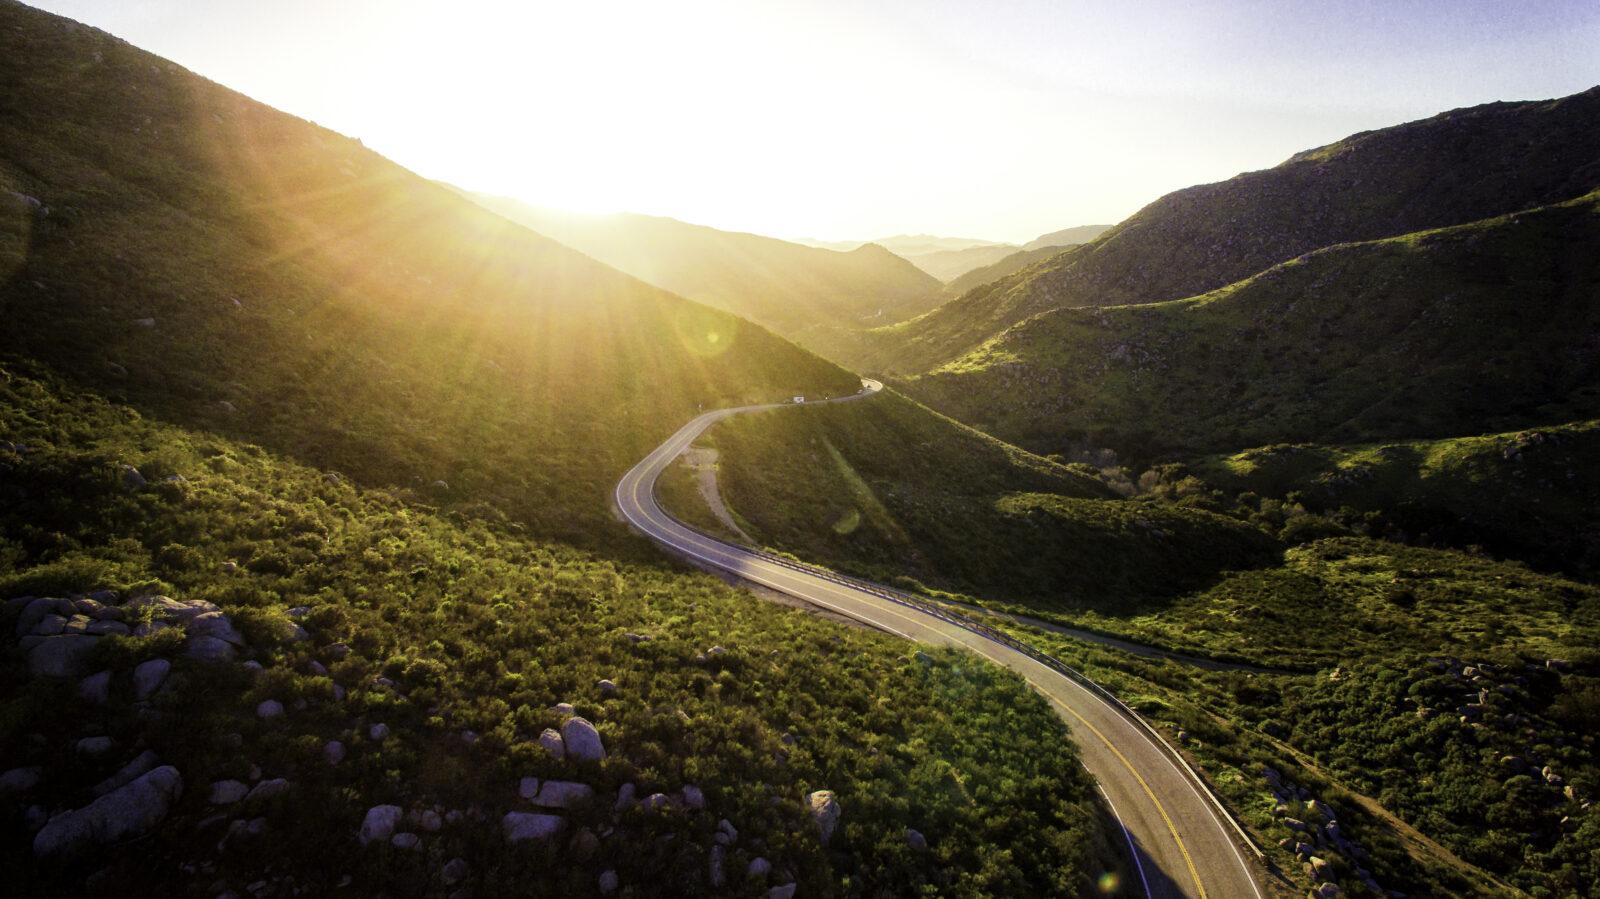 Reflexiones de Esperanza: El Arca del Pacto – Parte 1: La agenda después de la cueva (El Arca como símbolo de la presencia de Dios)